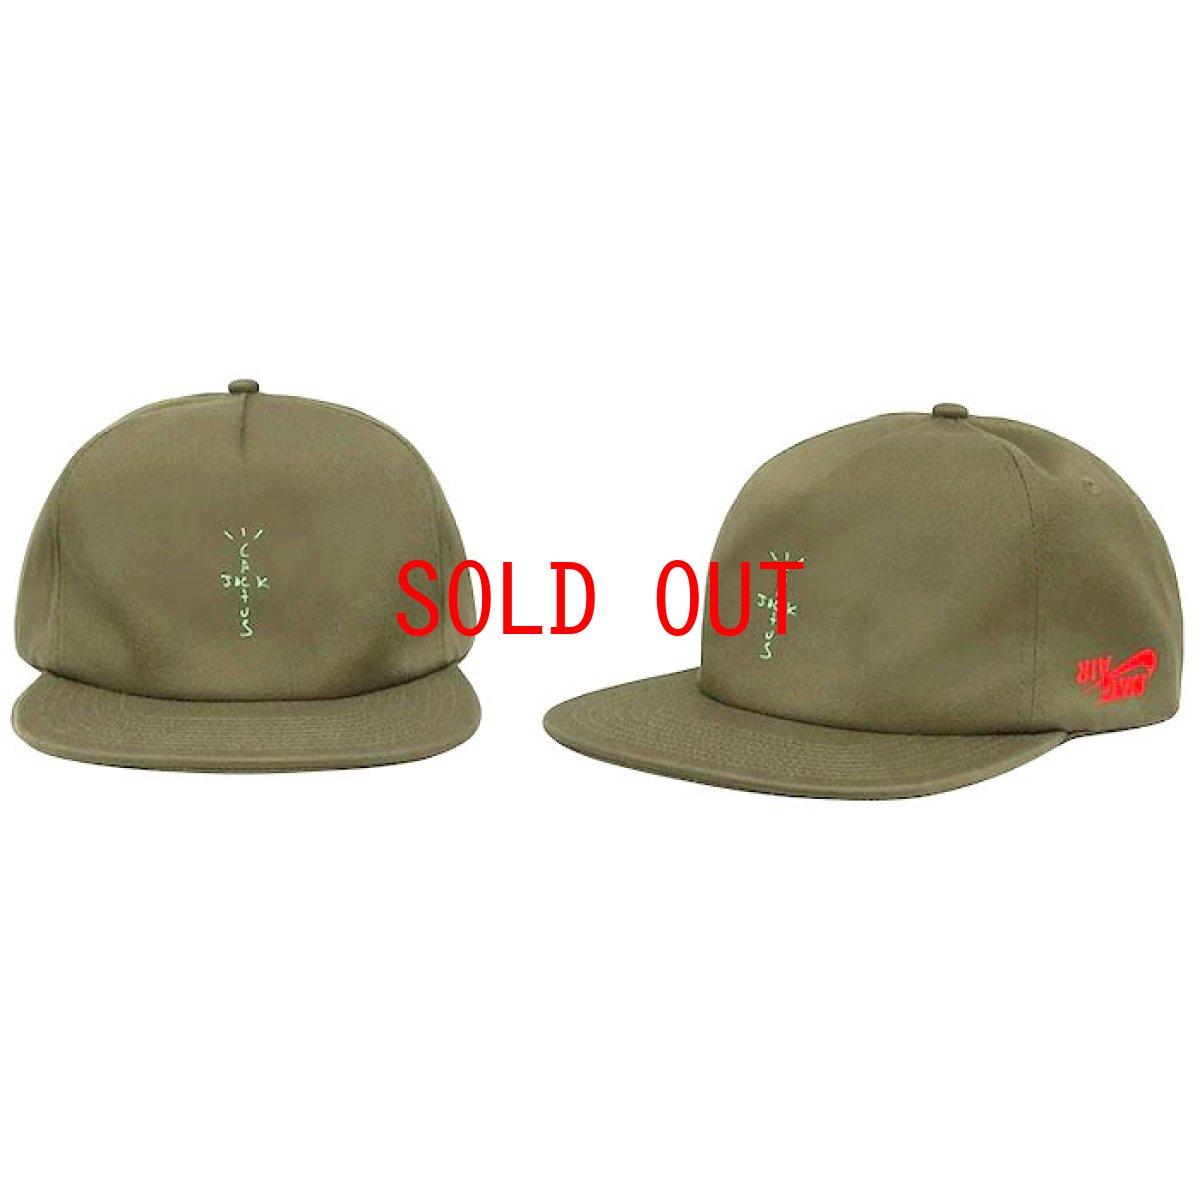 画像1: Cactus Jack(カクタスジャック) × Jordan Brand(ジョーダン) × Nike(ナイキ) Travis Scott HITR highest Swoosh Hat Olive Green IN THE ROOM Cap キャップ 帽子 Jordan オリーブ グリーン (1)